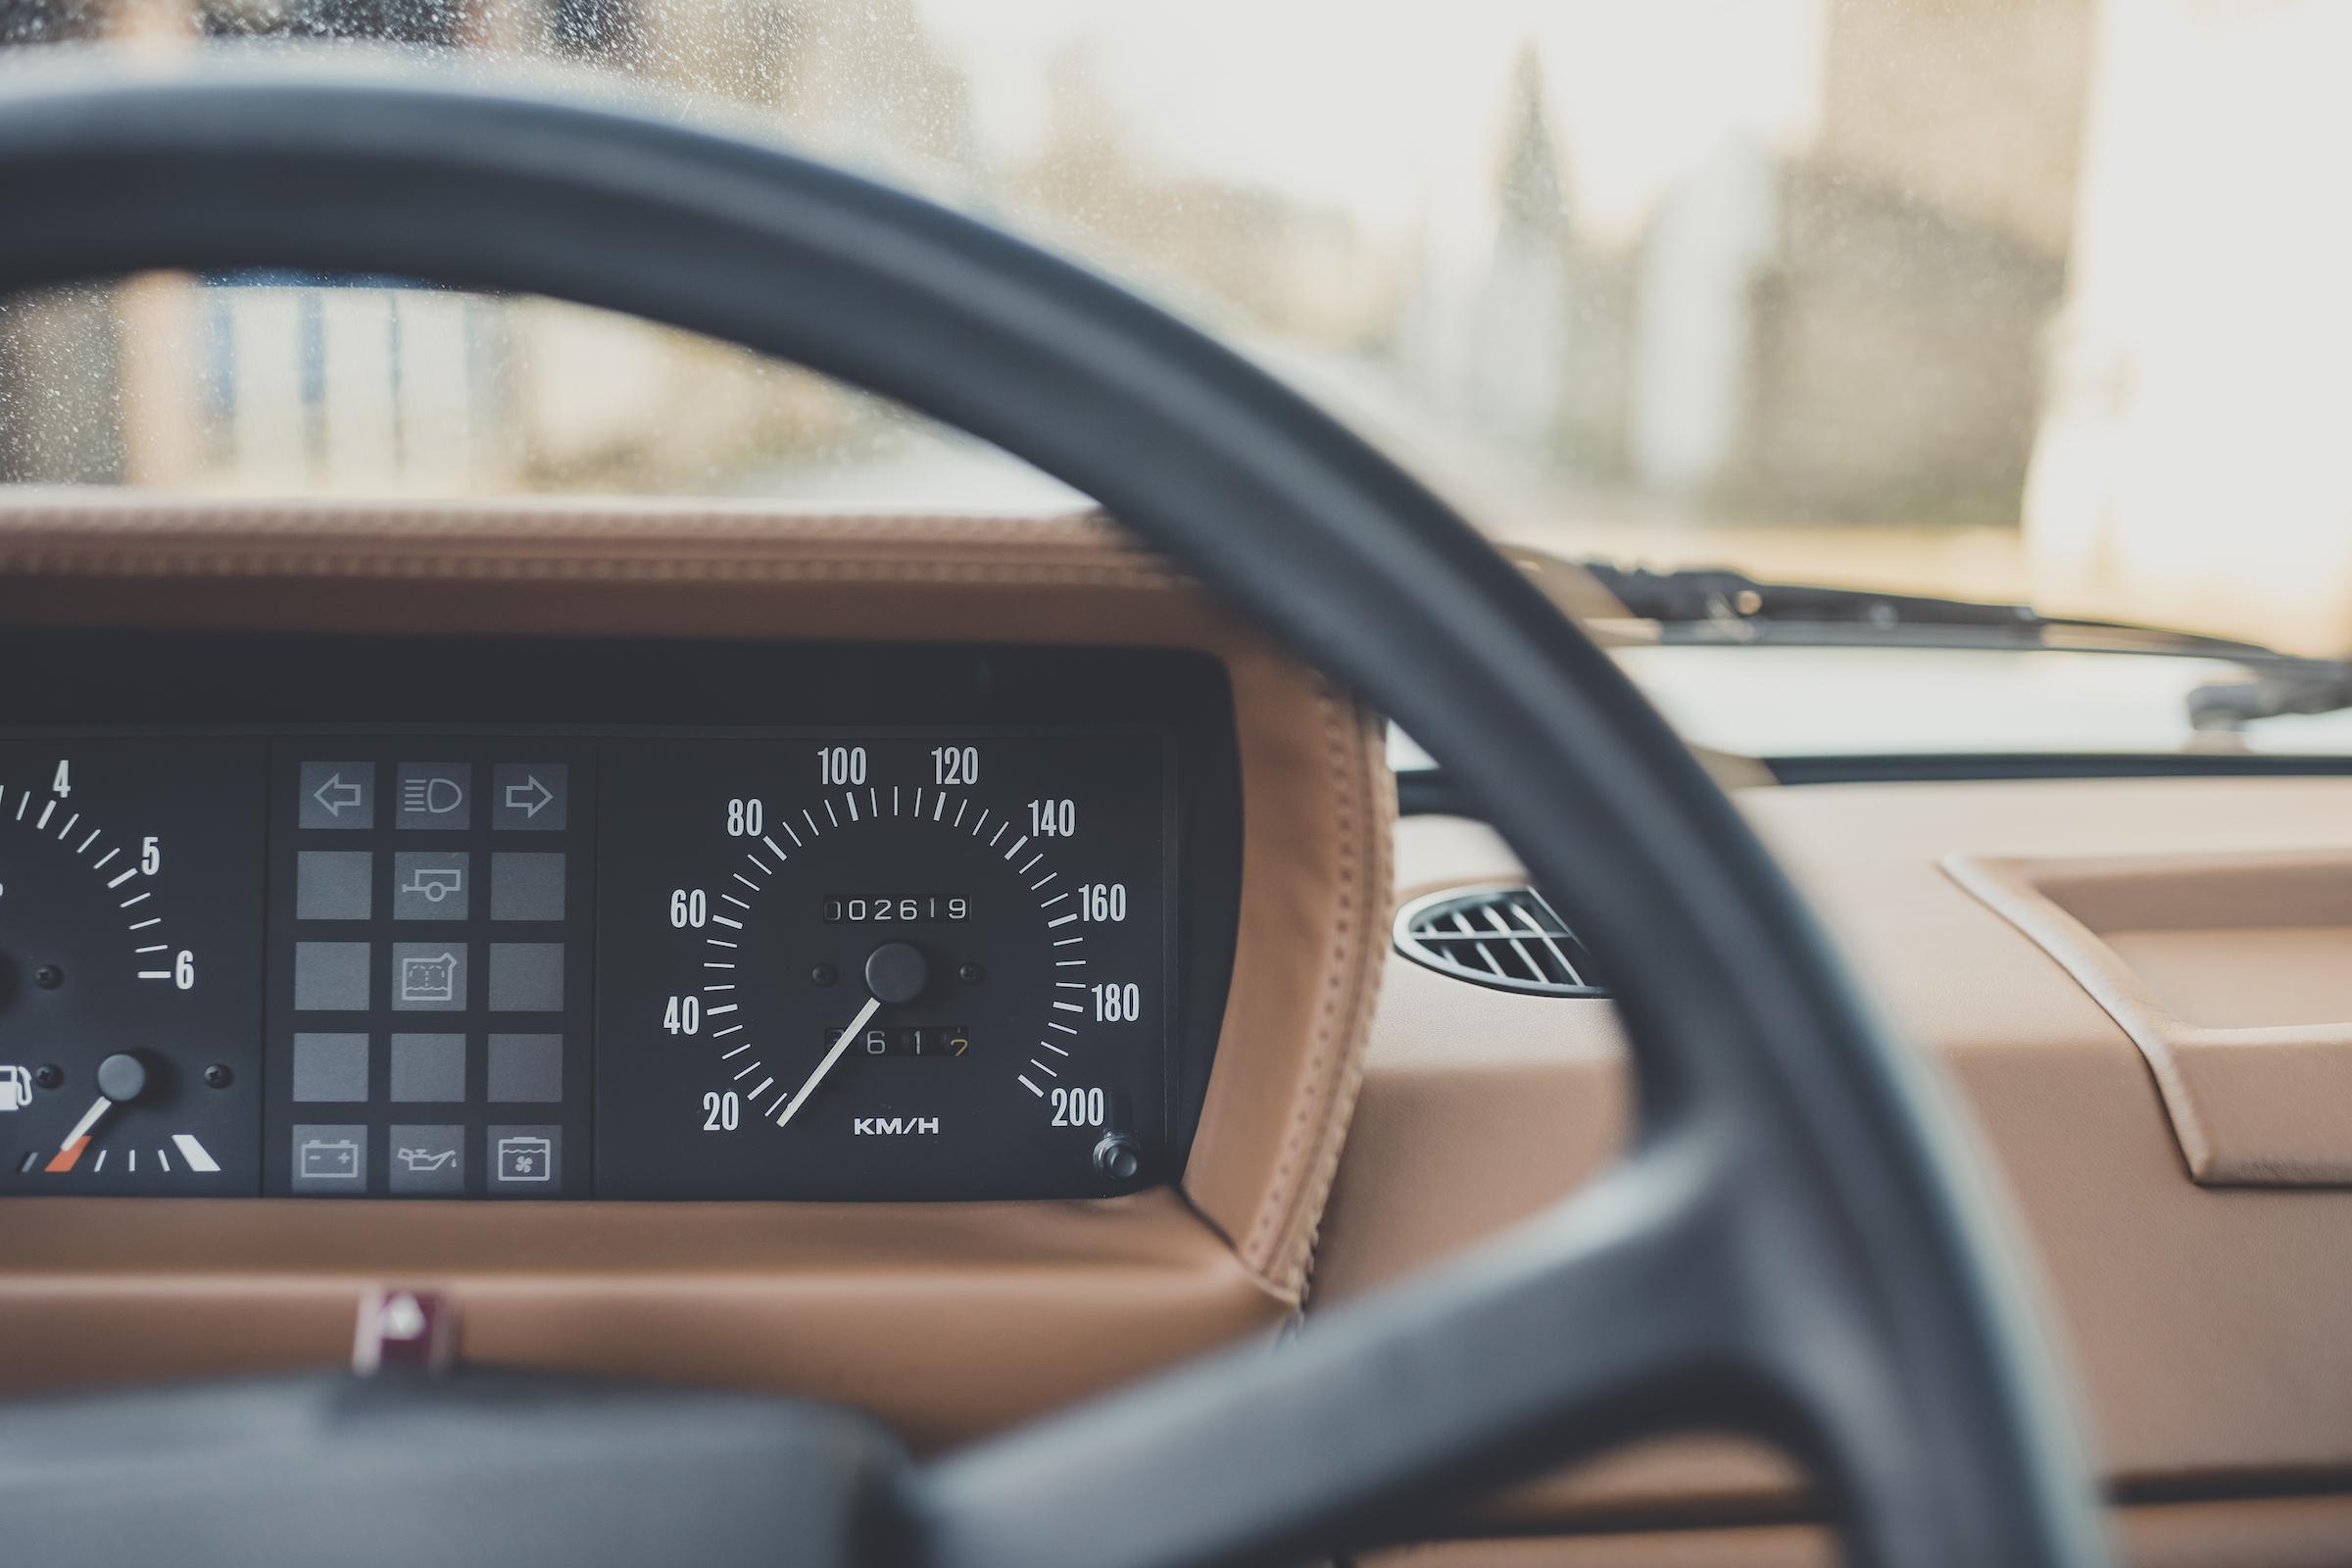 Range Rover Restomod interior dash gauges